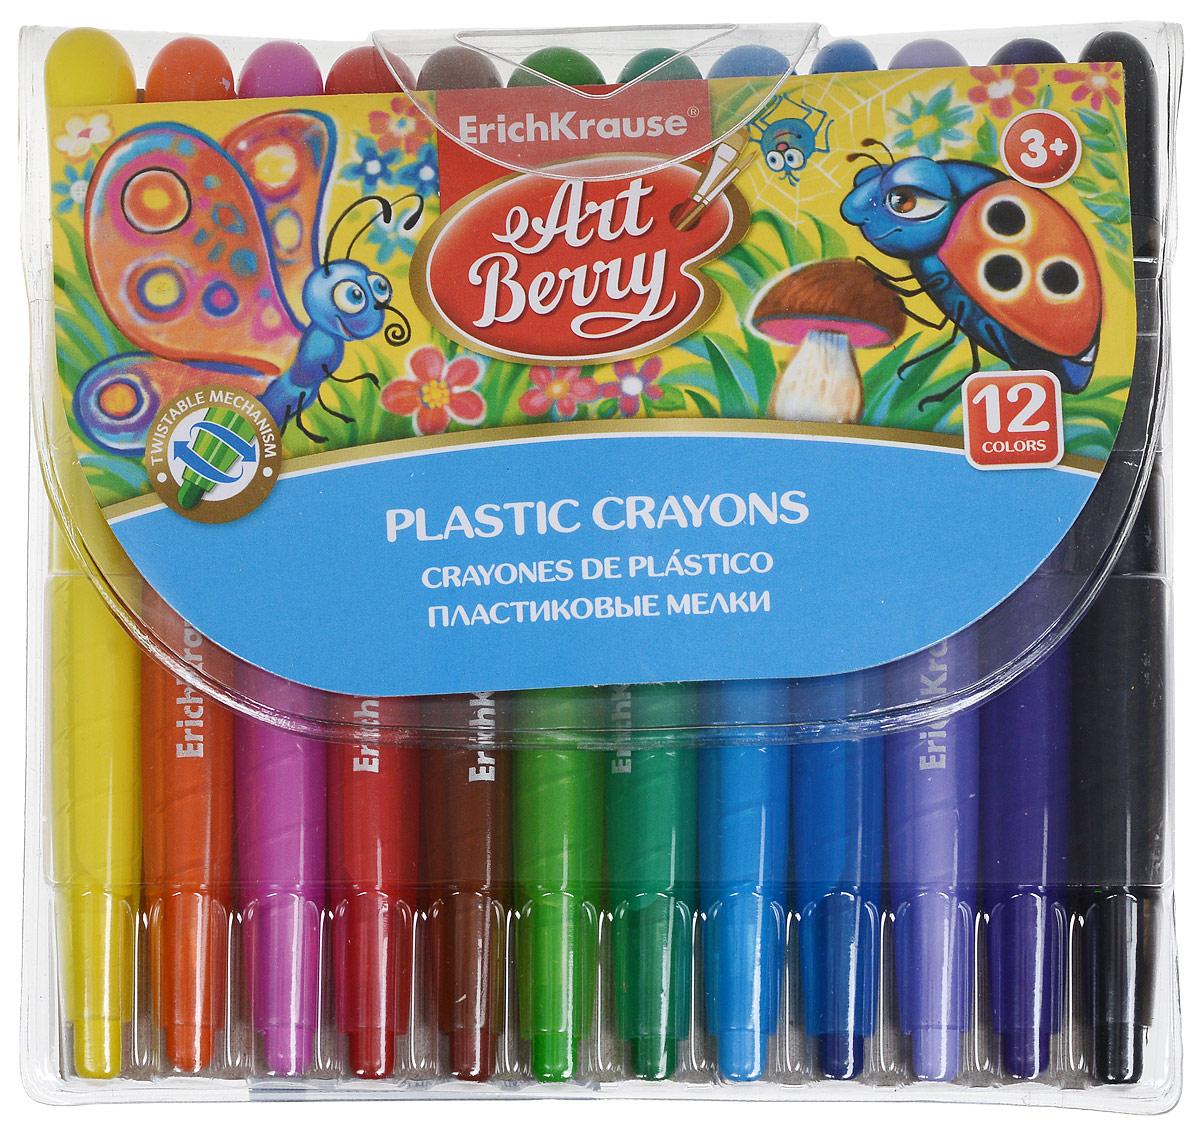 Erich Krause Мелки выкручивающиеся Art Berry 12 цветовFS-36052Выкручивающиеся мелки Erich Krause Art Berry помогут вашему маленькому художнику раскрыть свой талант. В набор входят 12 цветных мелков (желтый, оранжевый, красный, розовый, коричневый, салатовый, зеленый, голубой, синий, светло-фиолетовый, фиолетовый, черный). Корпус мелков выполнен из высококачественного прочного пластика. Мелки удобны в использовании: необходимо просто повернуть корпус - и можно приступать к рисованию. Их не нужно точить, а еще они устойчивы к ломке.Эти мелки способствуют развитию у ребенка мелкой моторики рук, координации движений, цветовосприятия и творческого мышления.Уважаемые клиенты! Обращаем ваше внимание на то, что упаковка может иметь несколько видов дизайна. Качественные характеристики товара остаются неизменными. Поставка осуществляется в зависимости от наличия на складе.